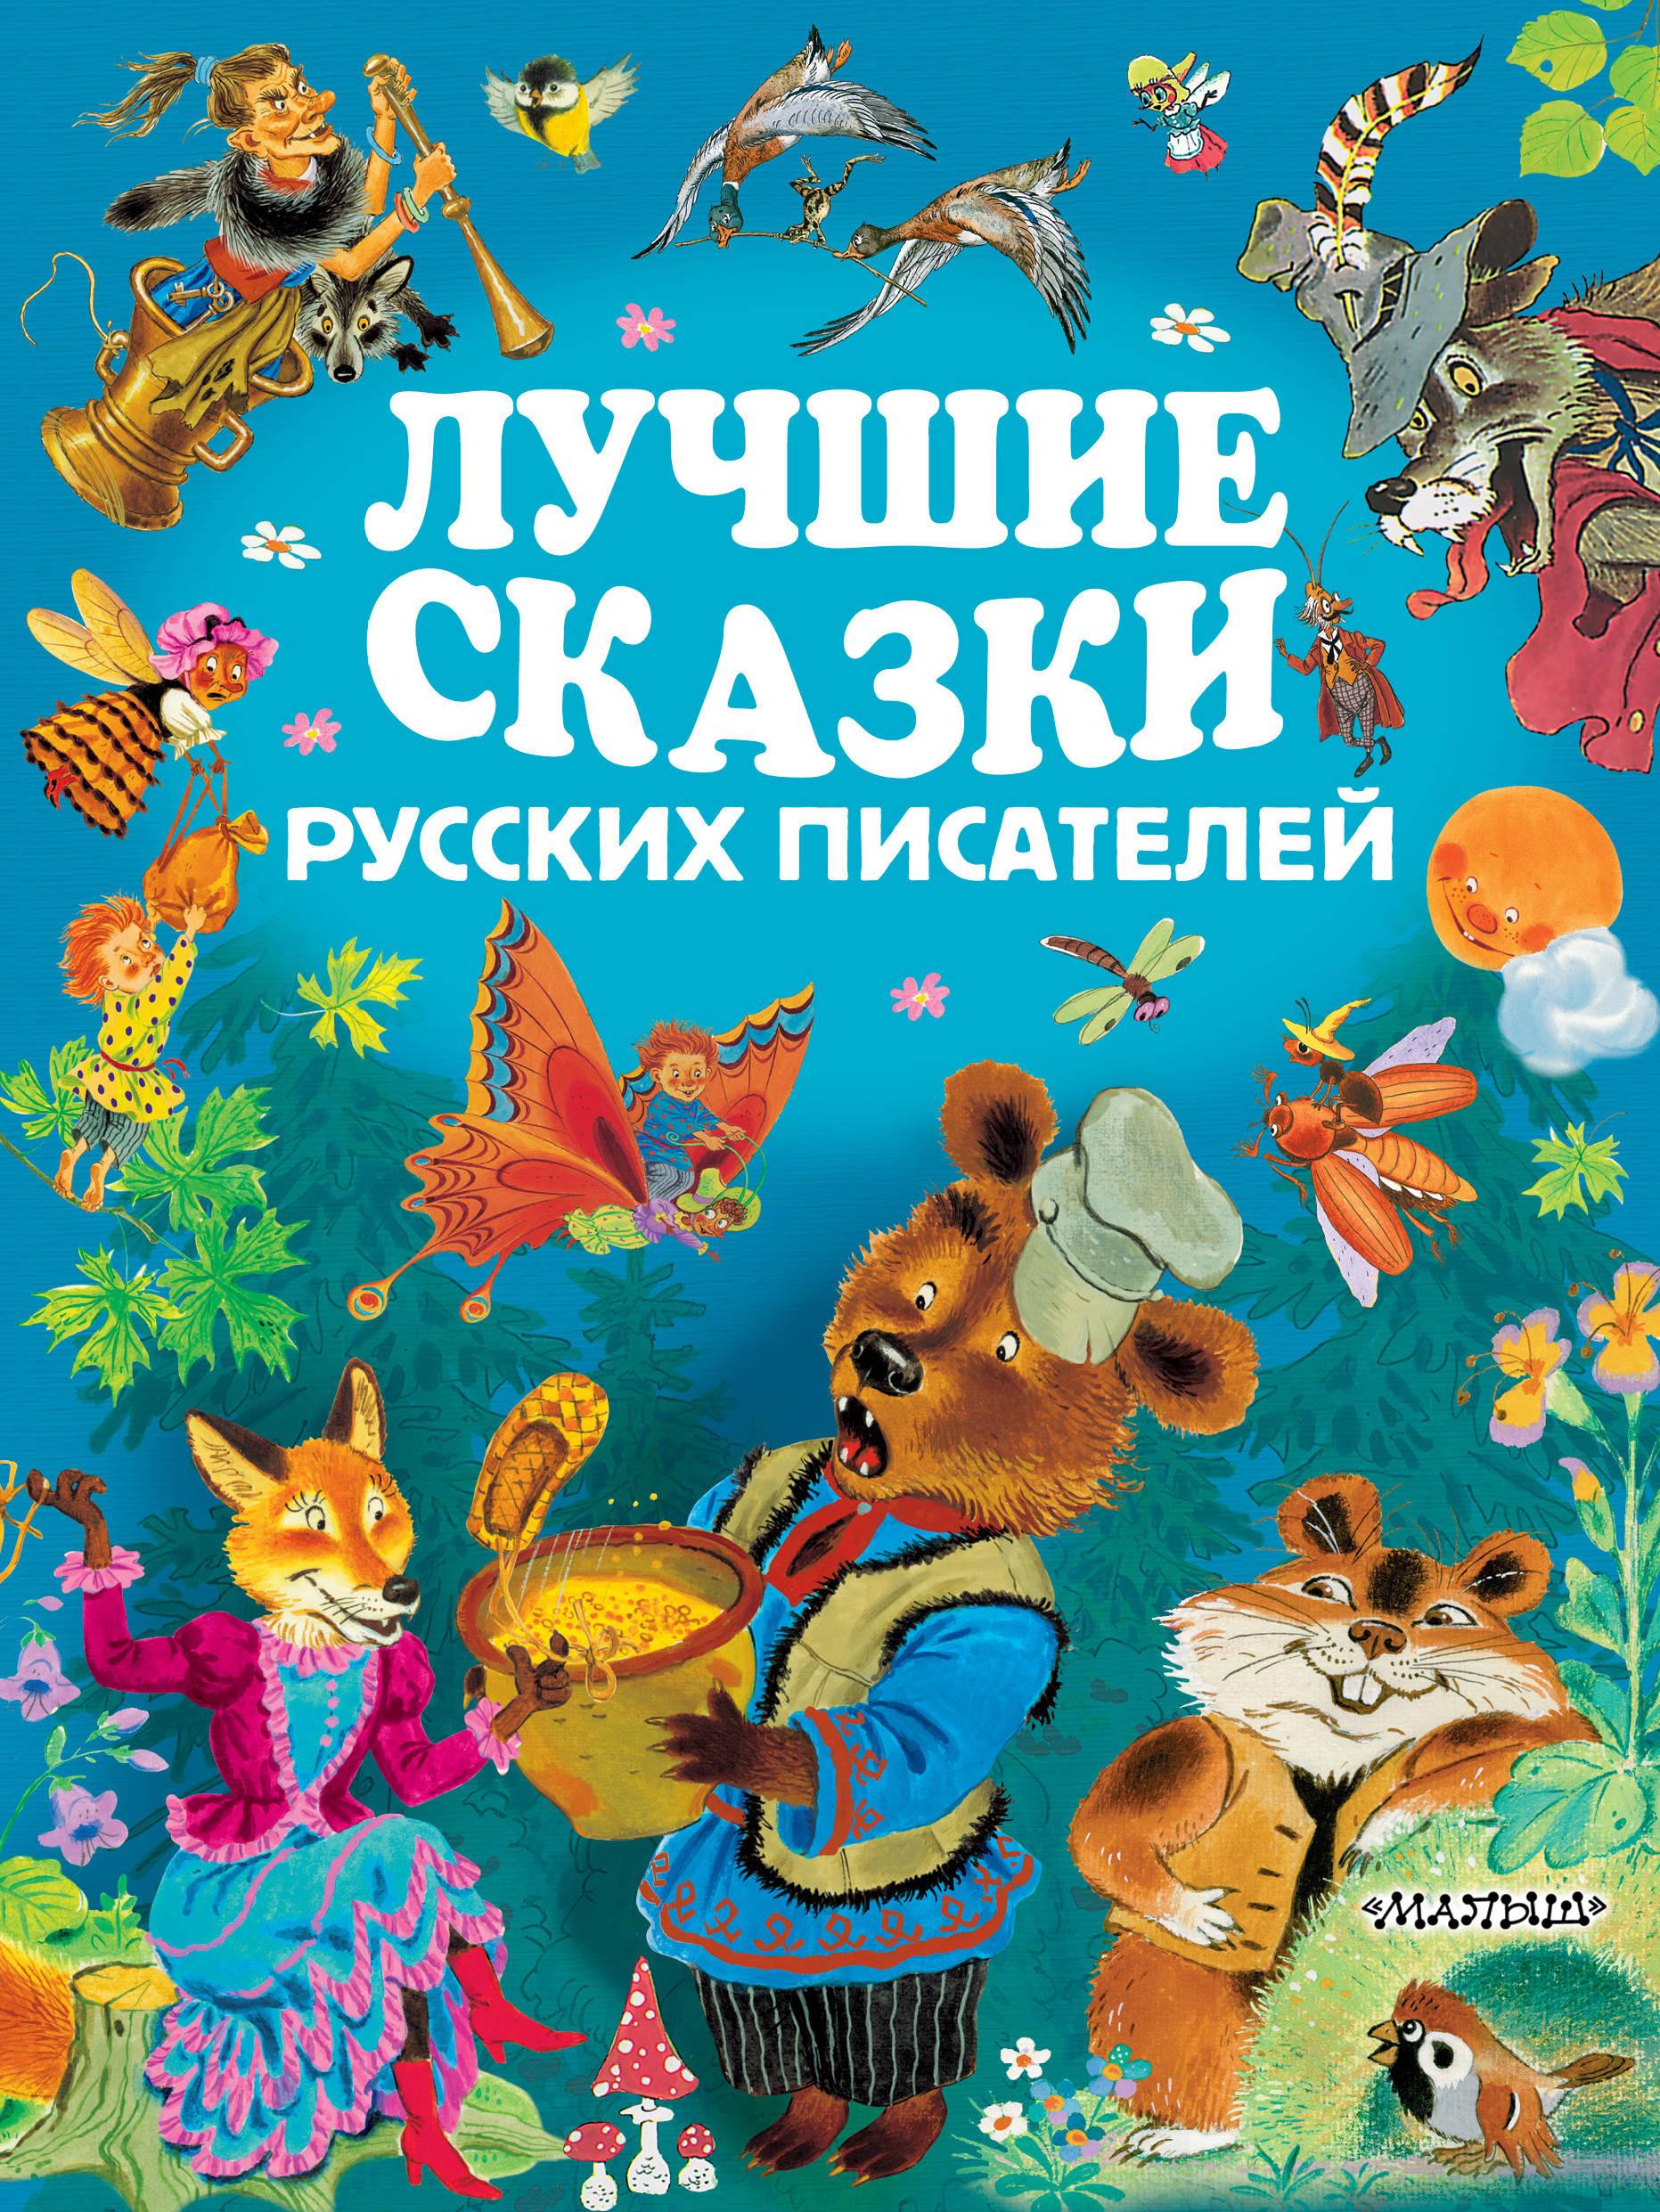 . Лучшие сказки русских писателей сказки и рассказы русских писателей